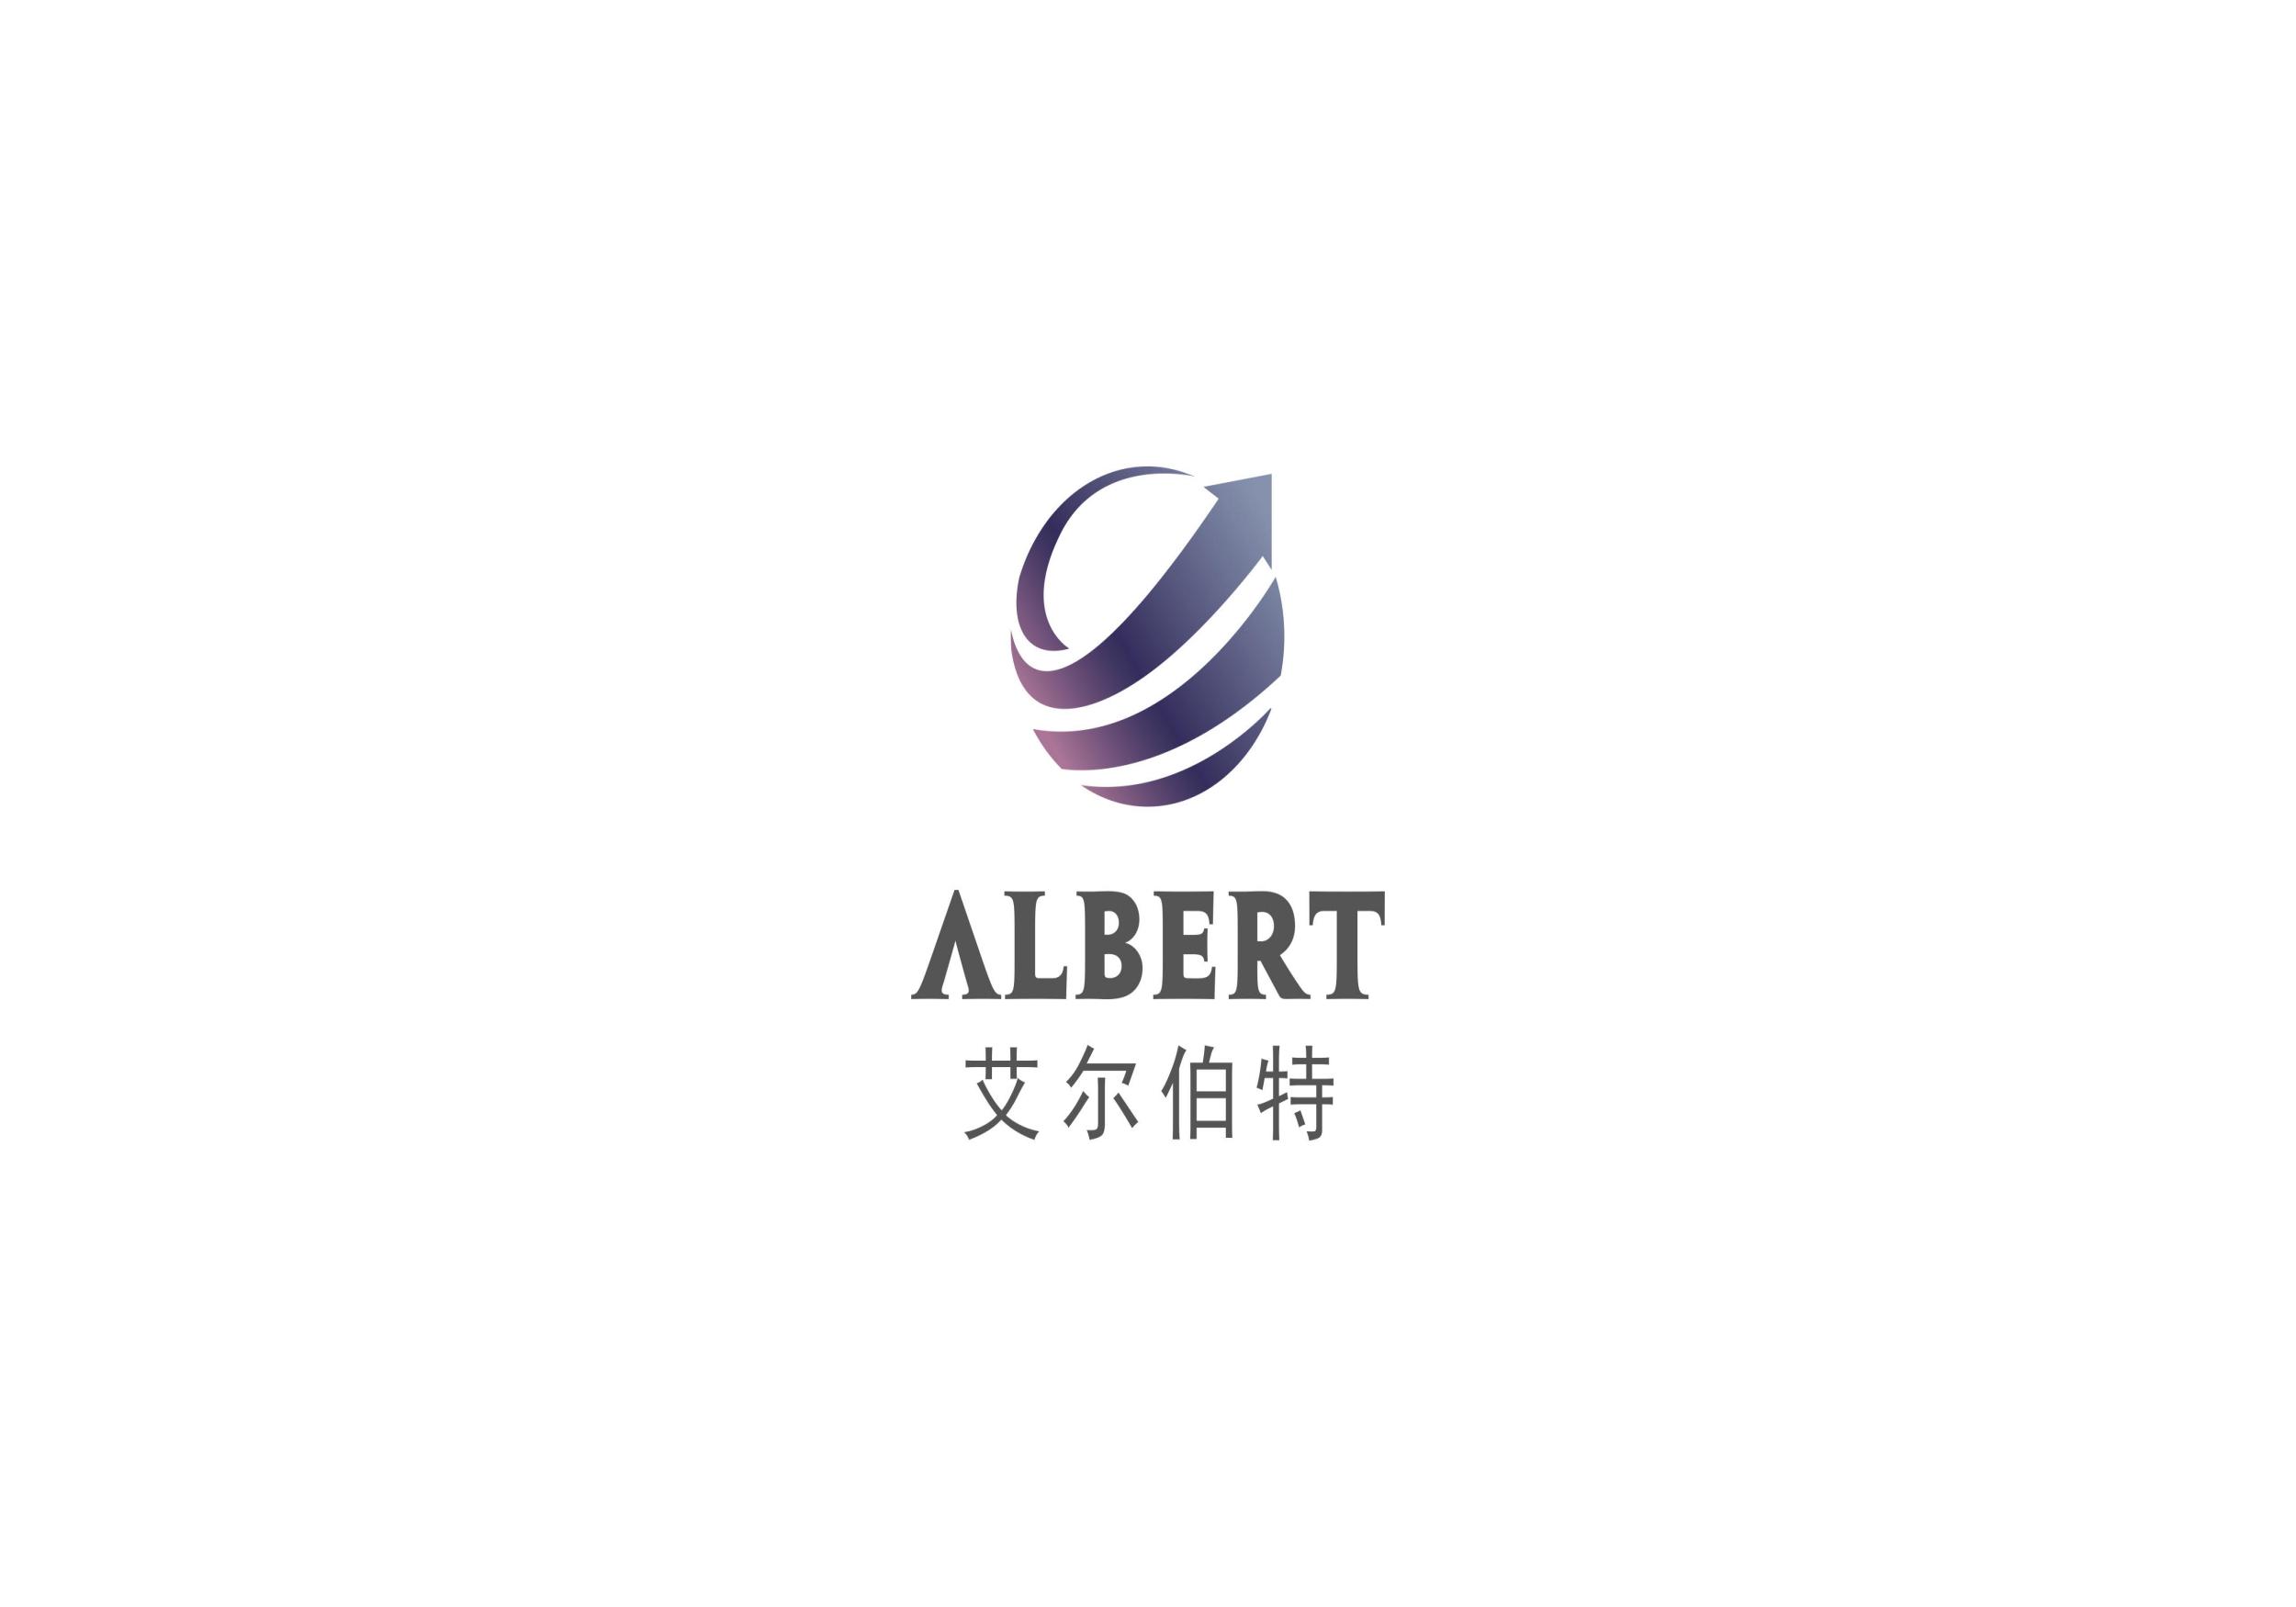 艾尔伯特科贸(北京)有限公司1